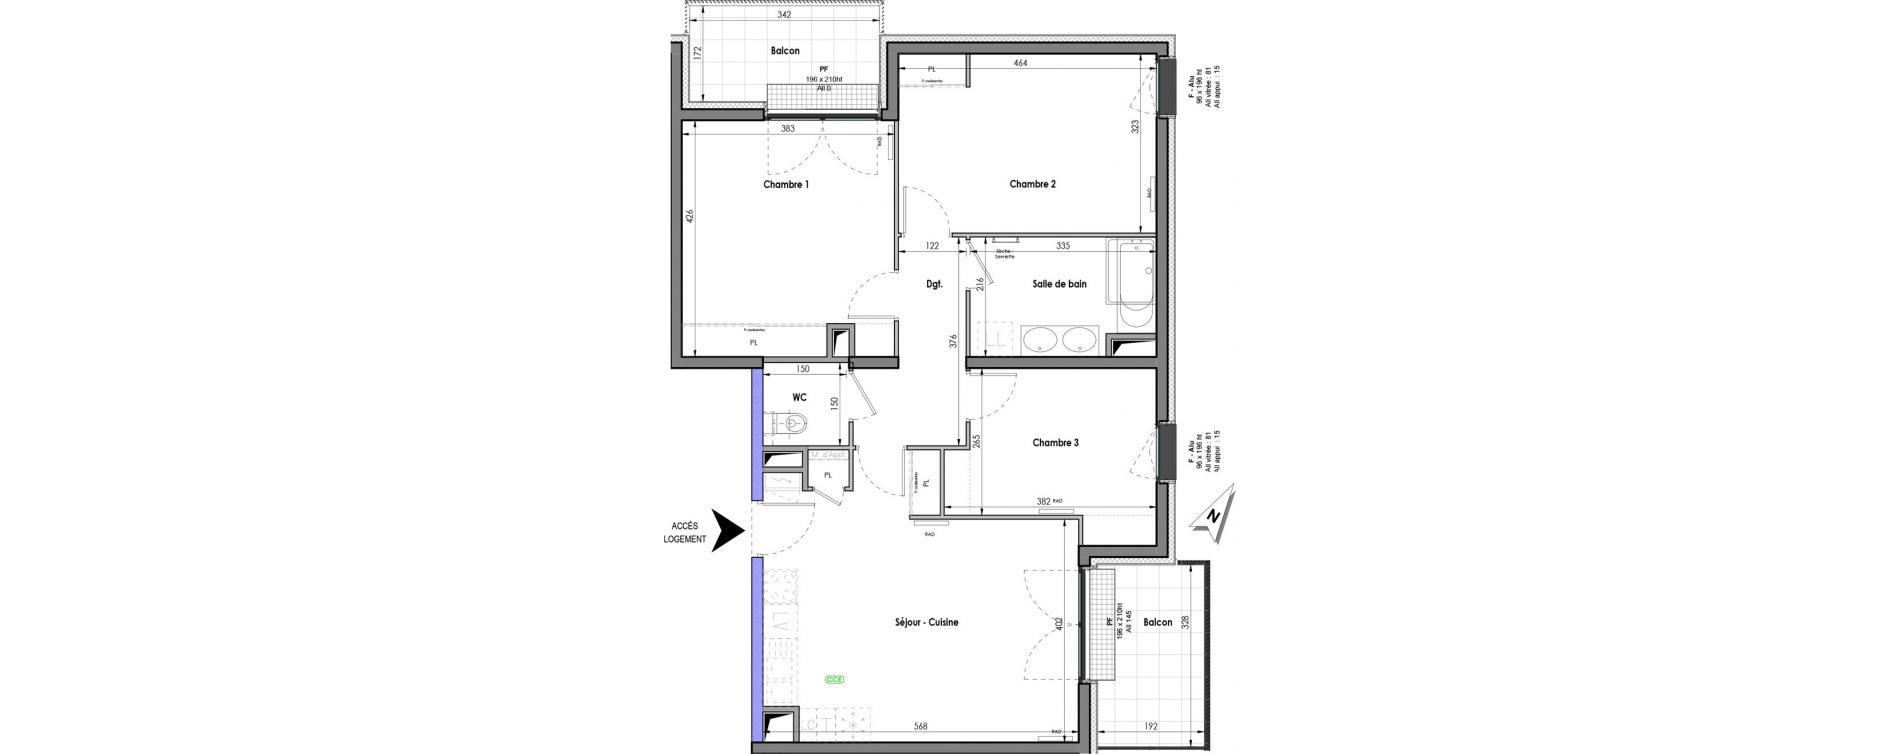 Appartement T4 de 81,75 m2 à Clermont-Ferrand Clermont ferrand république